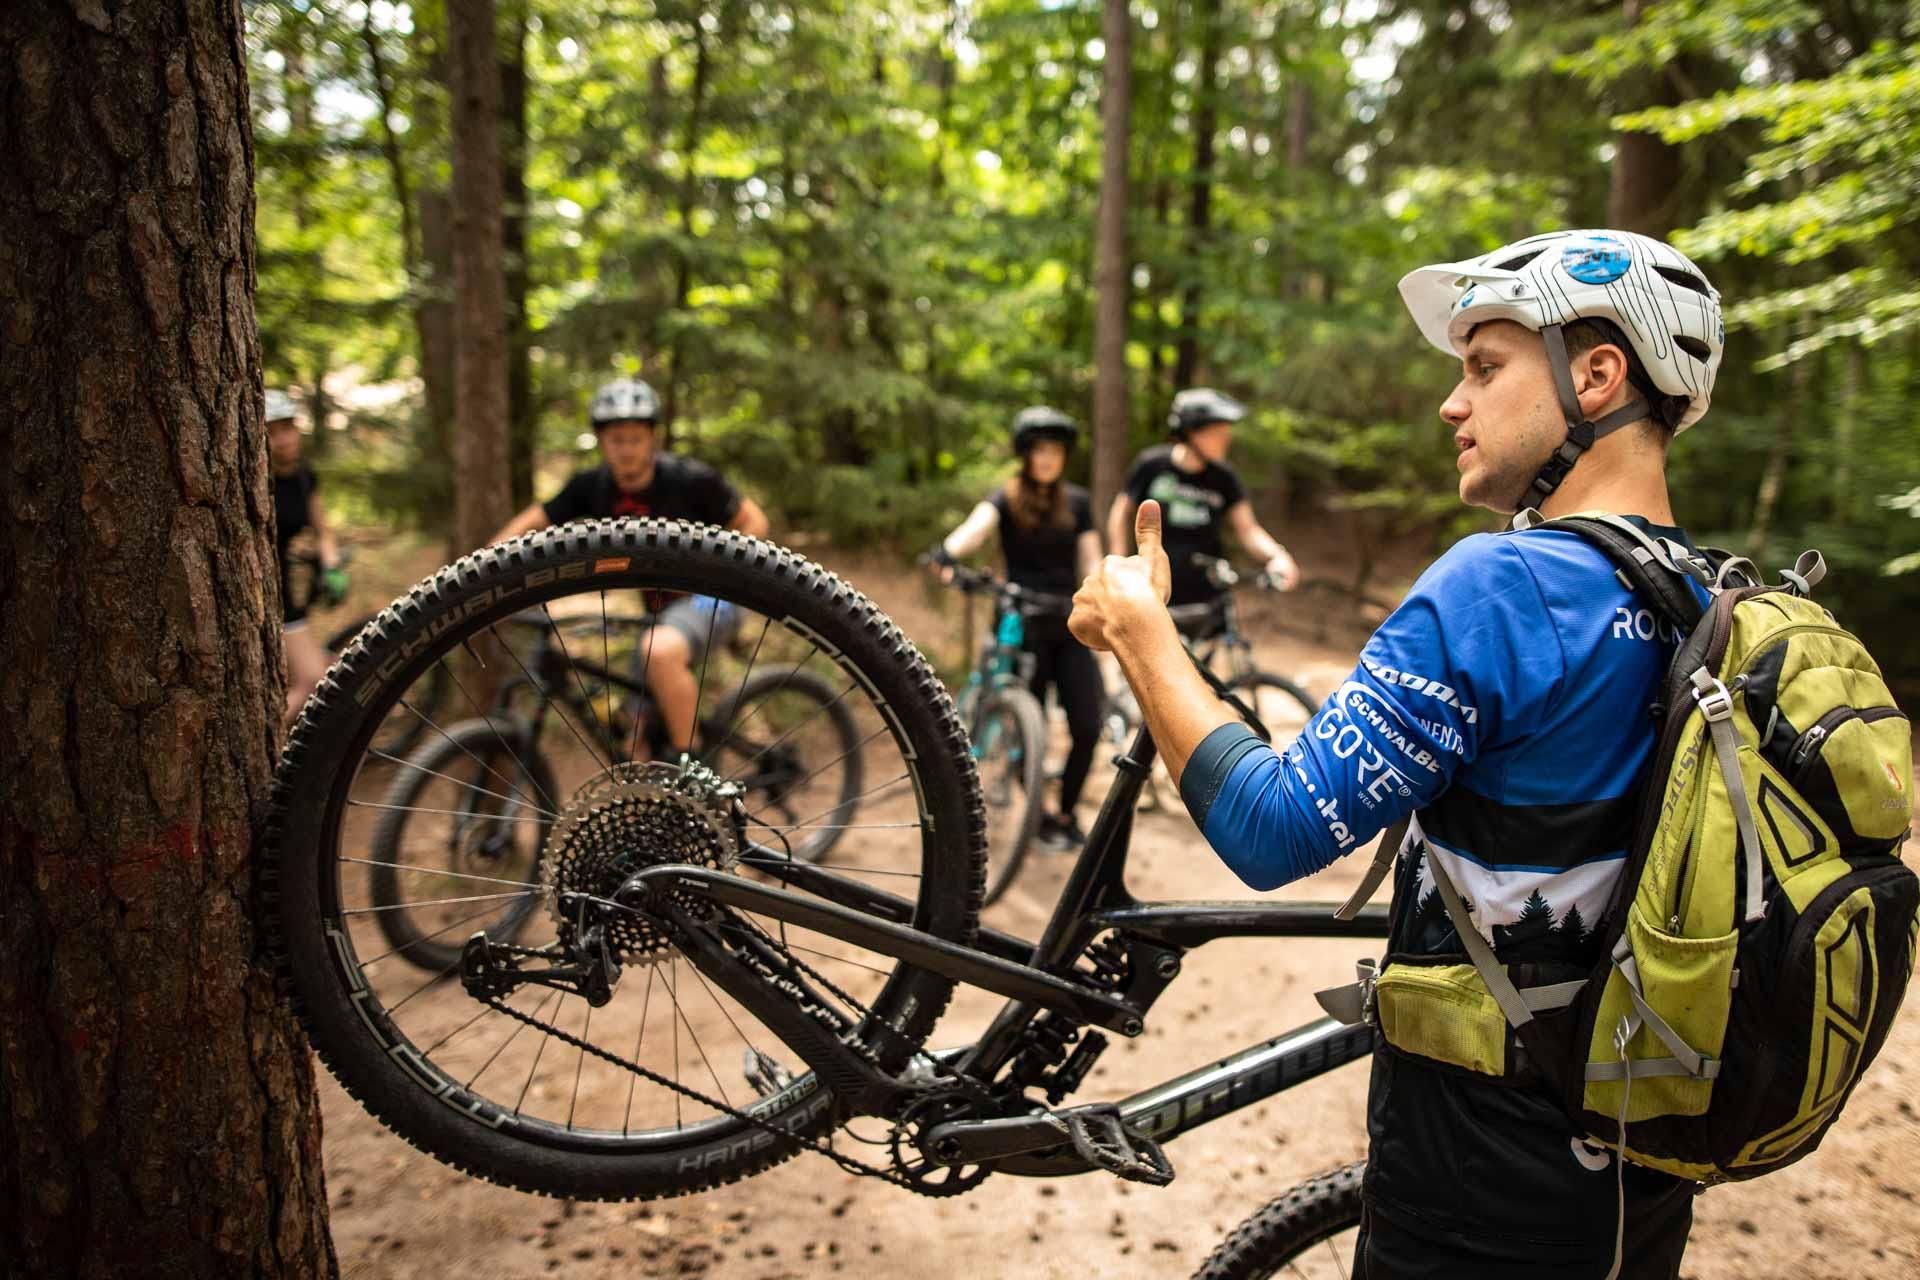 MTB Fahrtechnik Kurs für Einsteiger in Witten - Ruhrgebiet - Mountainbike Basic Ruhrgebit Trail Anfänger - Rock my Trail Bikeschule GmbH - 11